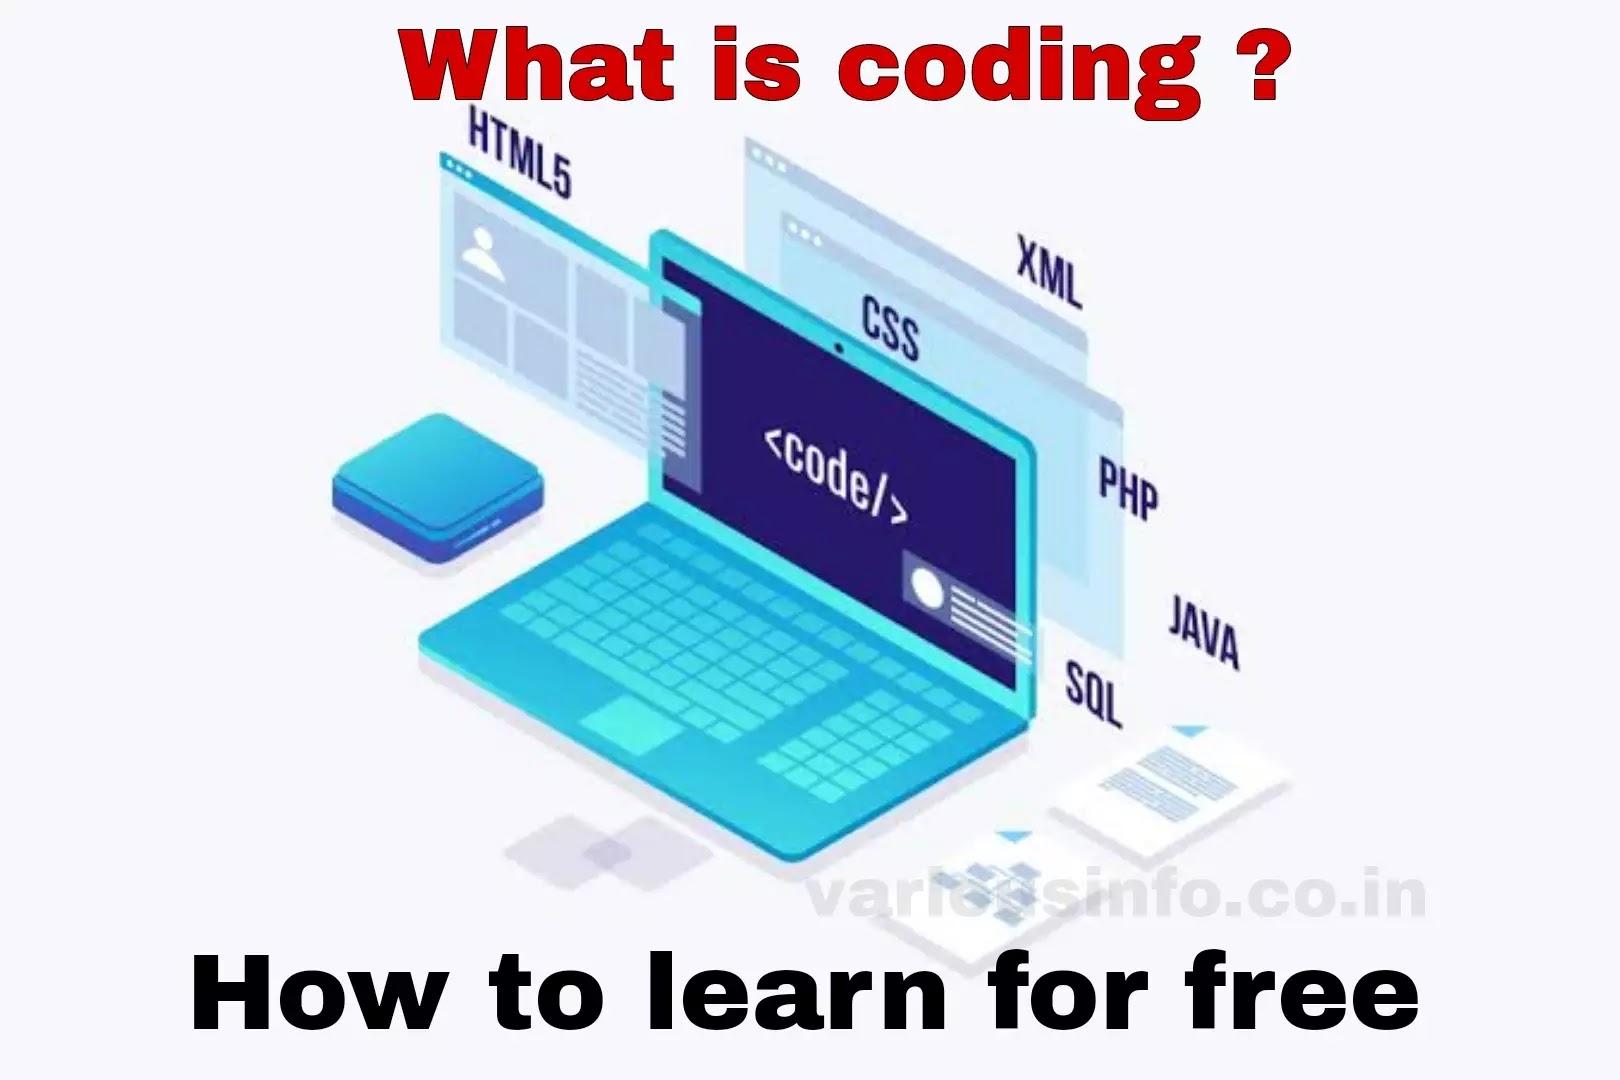 कोडिंग क्या है, प्रोग्राम क्या है, कोडिंग कैसे सीखते हैं, सी लैंग्वेज क्या है, जावा क्या है, सी प्लस प्लस क्या है, कोडिंग लैंग्वेज कैसे सीखे , c++ क्या है?